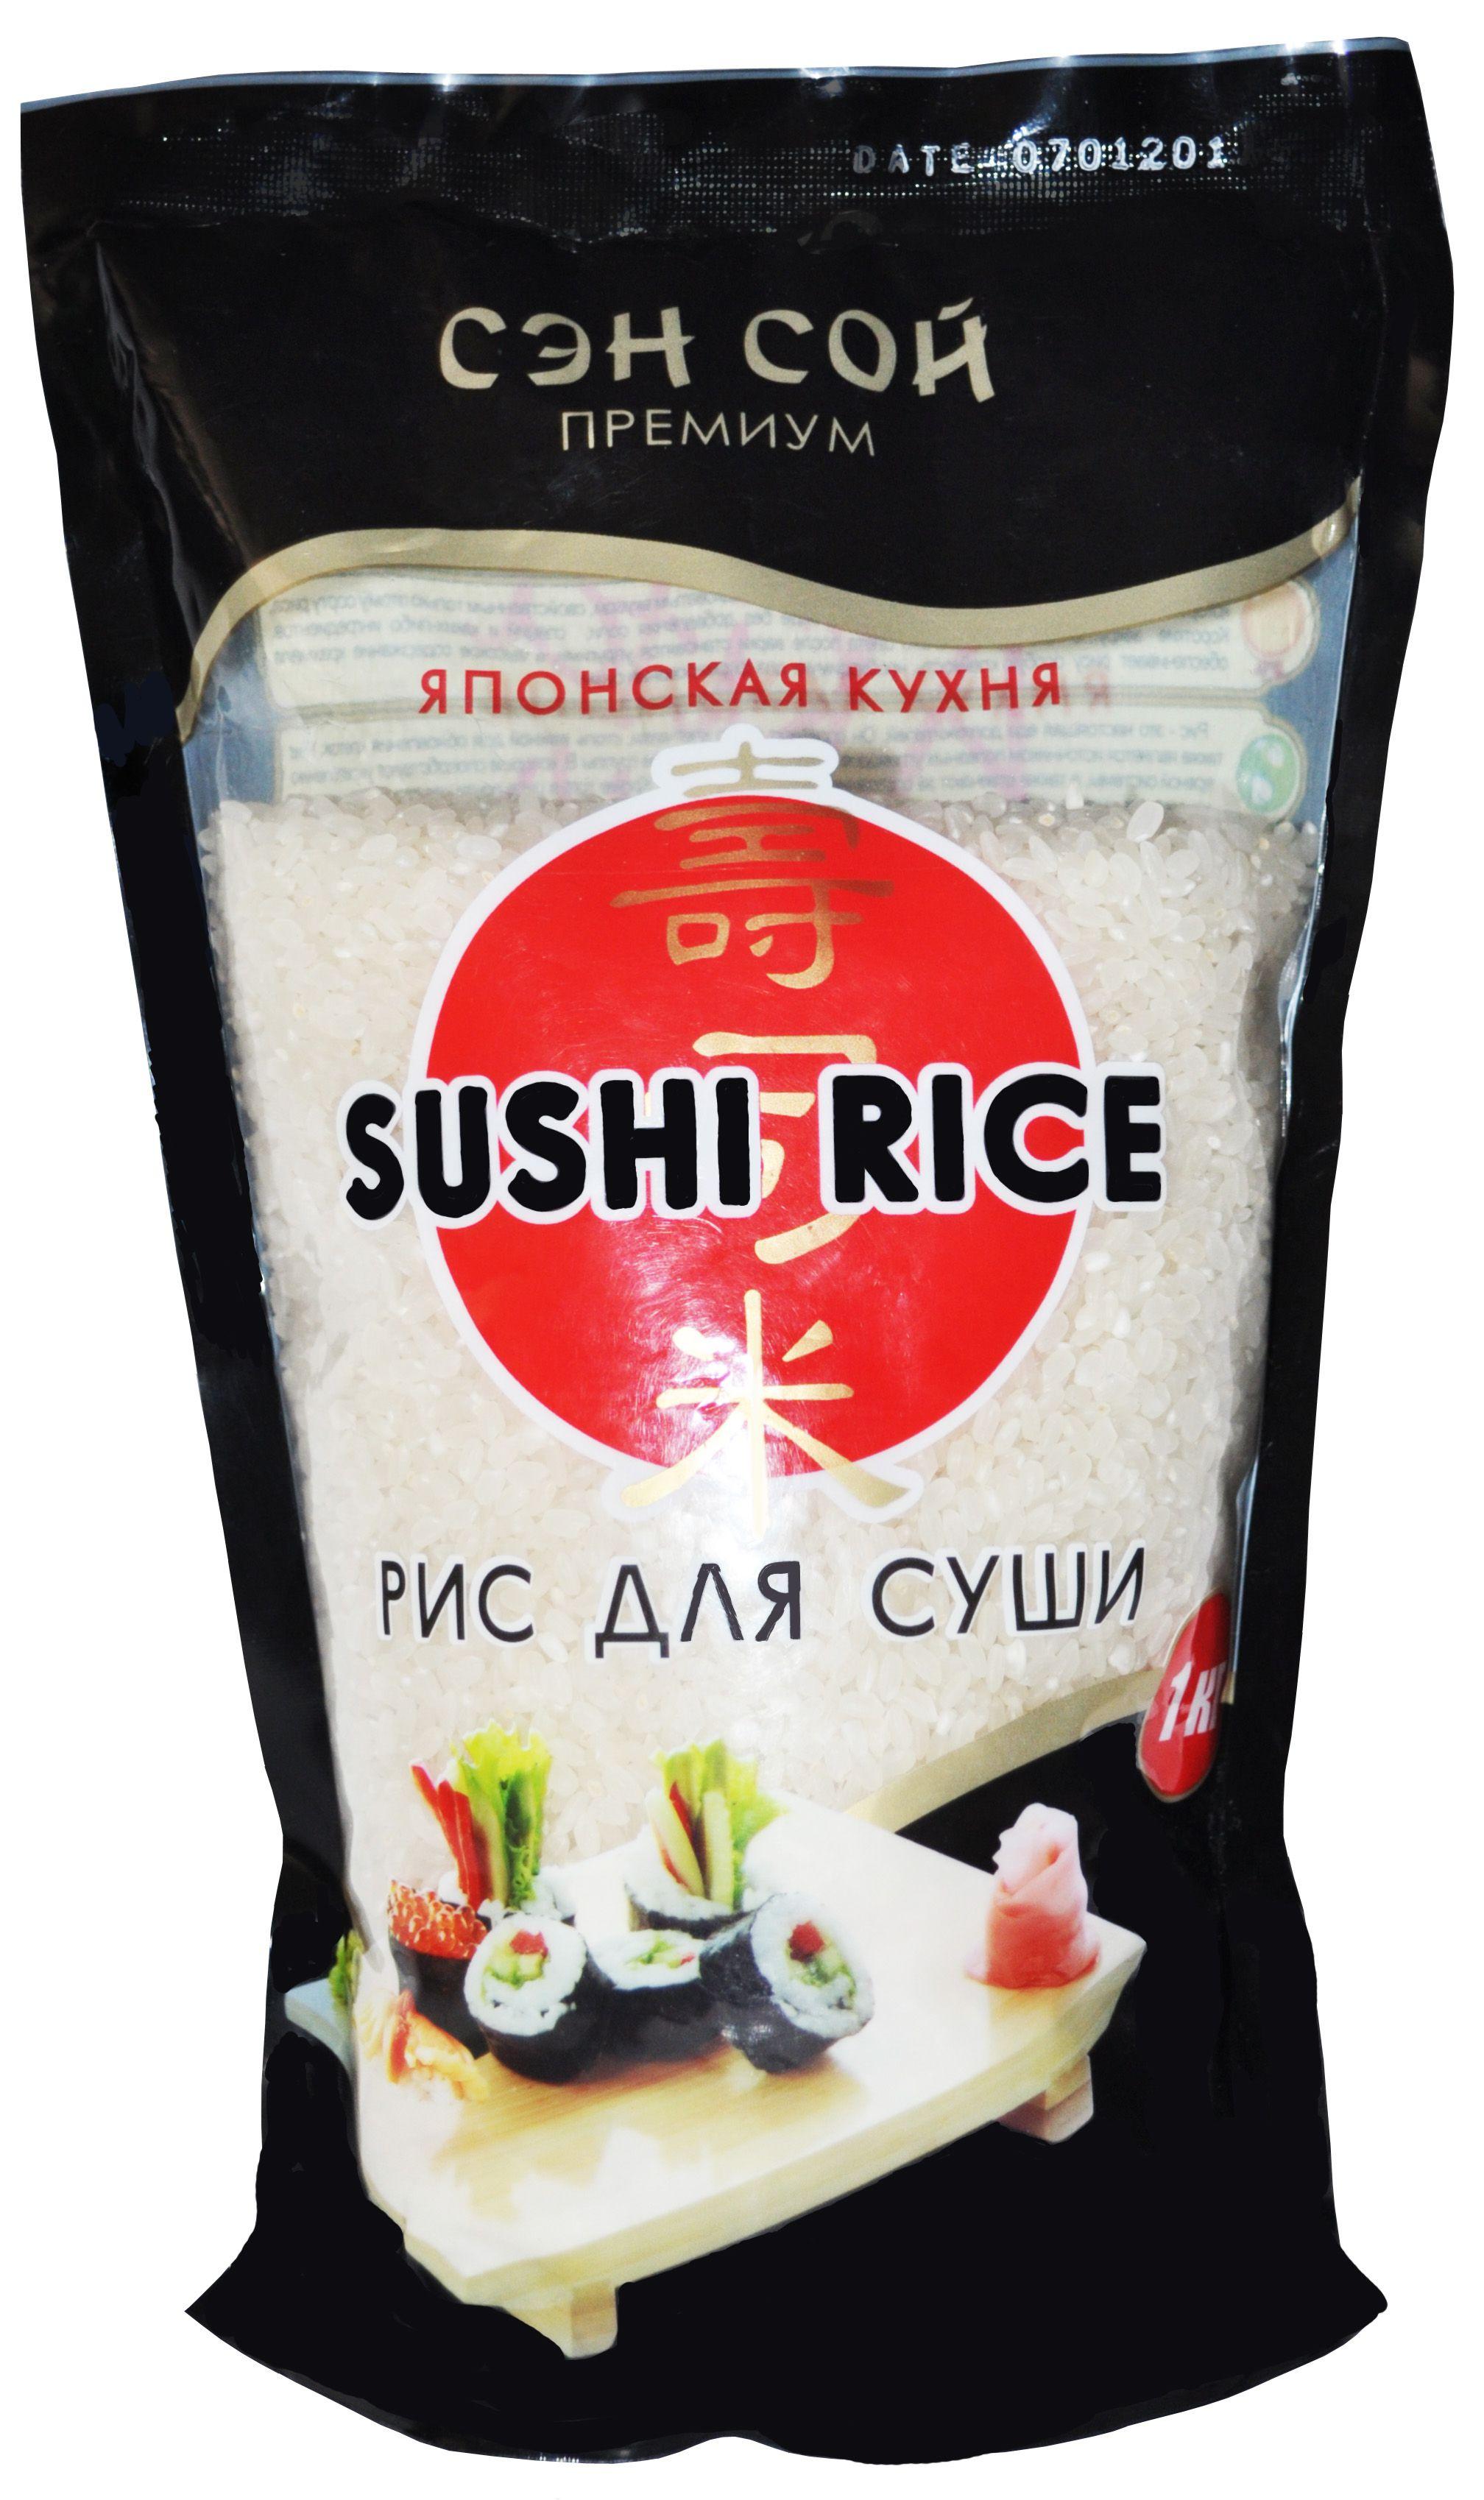 Рис для суши Сэн Сой 1кг Премиум, круглозерный